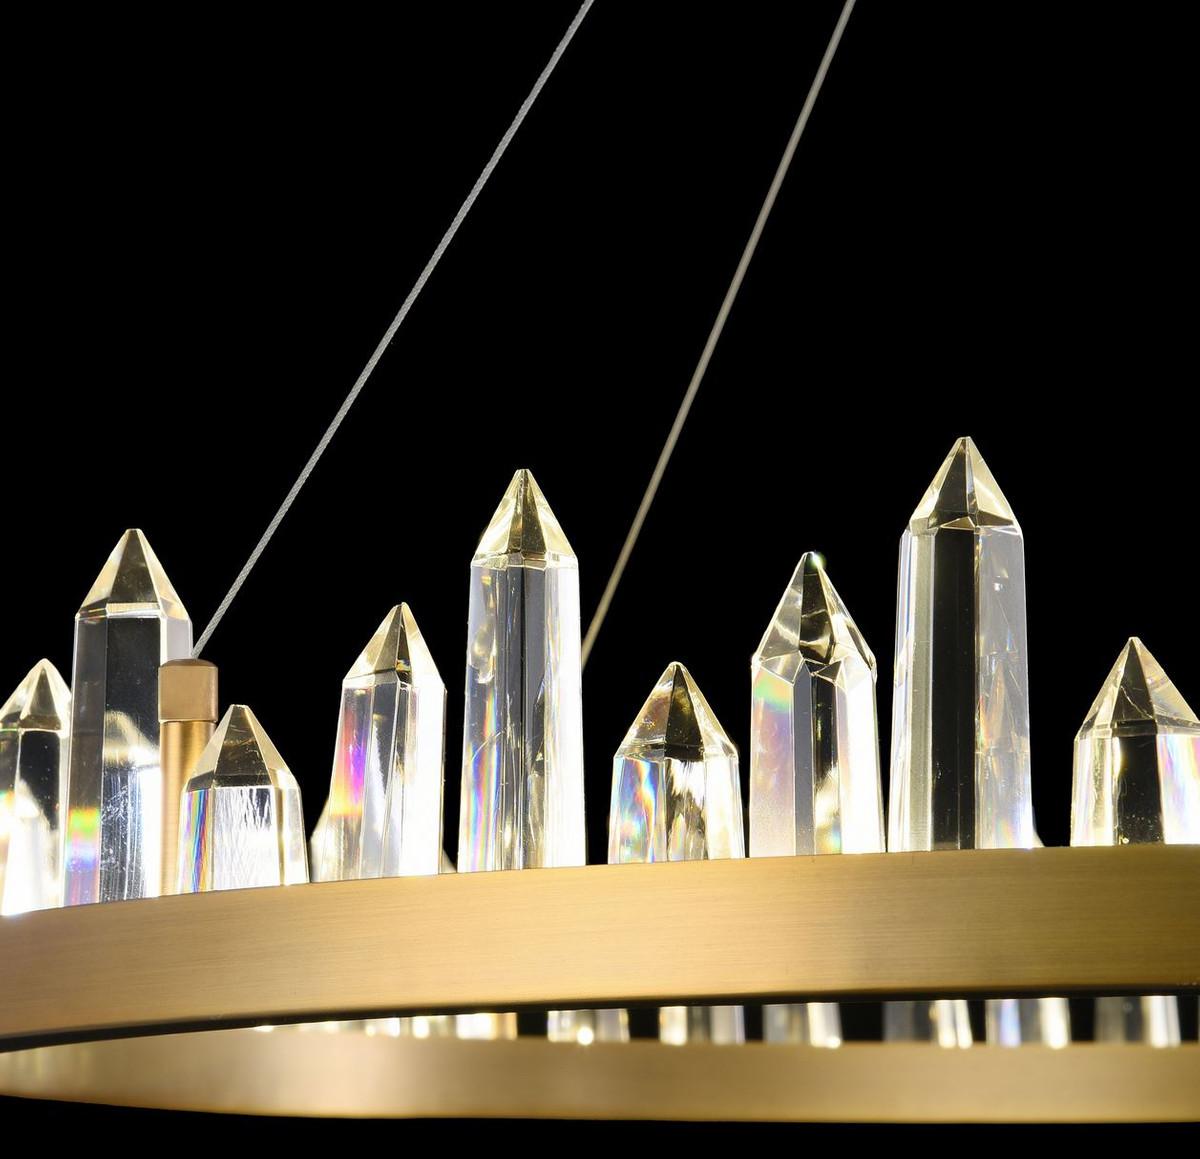 Casa Padrino LED Hängeleuchte mit messingfarbenem Metallrahmen und Kristallglaszacken Ø 85 x H. 10,4 cm - Wohnzimmermöbel 7